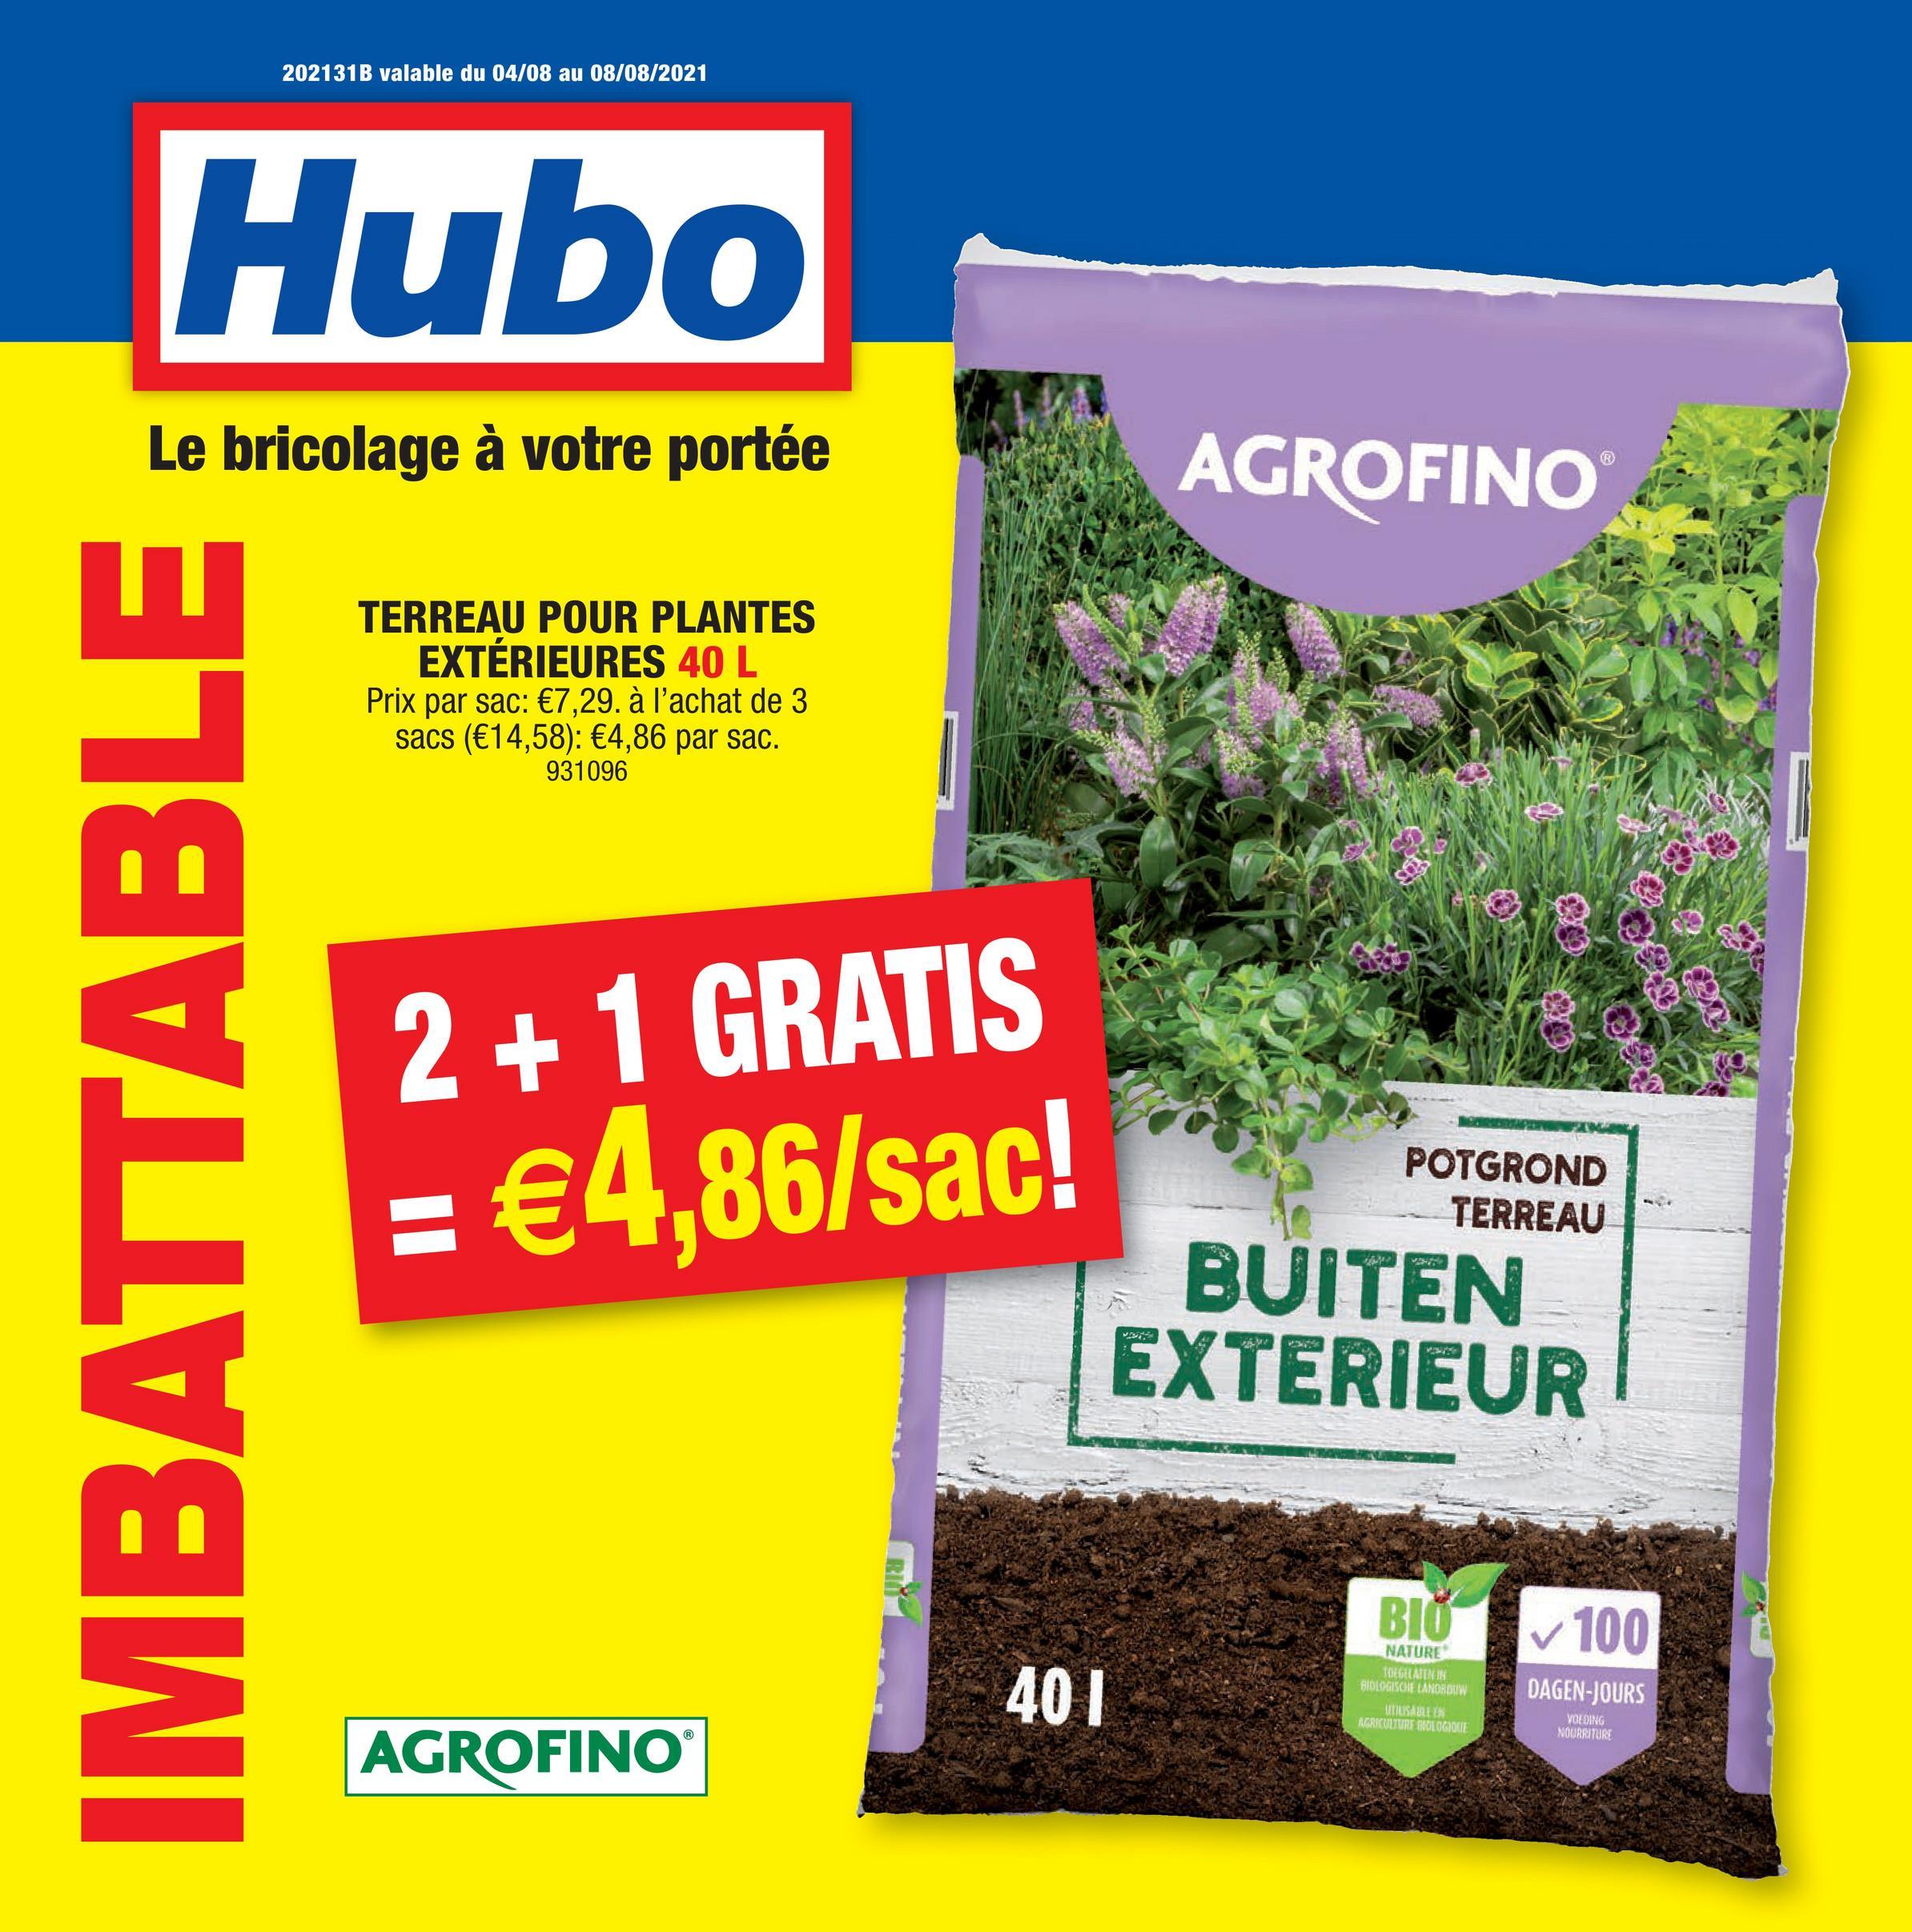 202131B valable du 04/08 au 08/08/2021 Hubo Le bricolage à votre portée AGROFINO TERREAU POUR PLANTES EXTÉRIEURES 40 L Prix par sac: €7,29. à l'achat de 3 sacs (€14,58): €4,86 par sac. 931096 s TO IMBATTABLE 2 + 1 GRATIS = €4,86/sac! POTGROND TERREAU BUITEN EXTERIEUR BIO ✓ 100 401 NATURE TULAJINIM BIOLOGISCHE LANOSDIW LJUSARE AGRKULIURE BIOLOGIOKIL DAGEN-JOURS VOEDING NOURRITURE AGROFINO